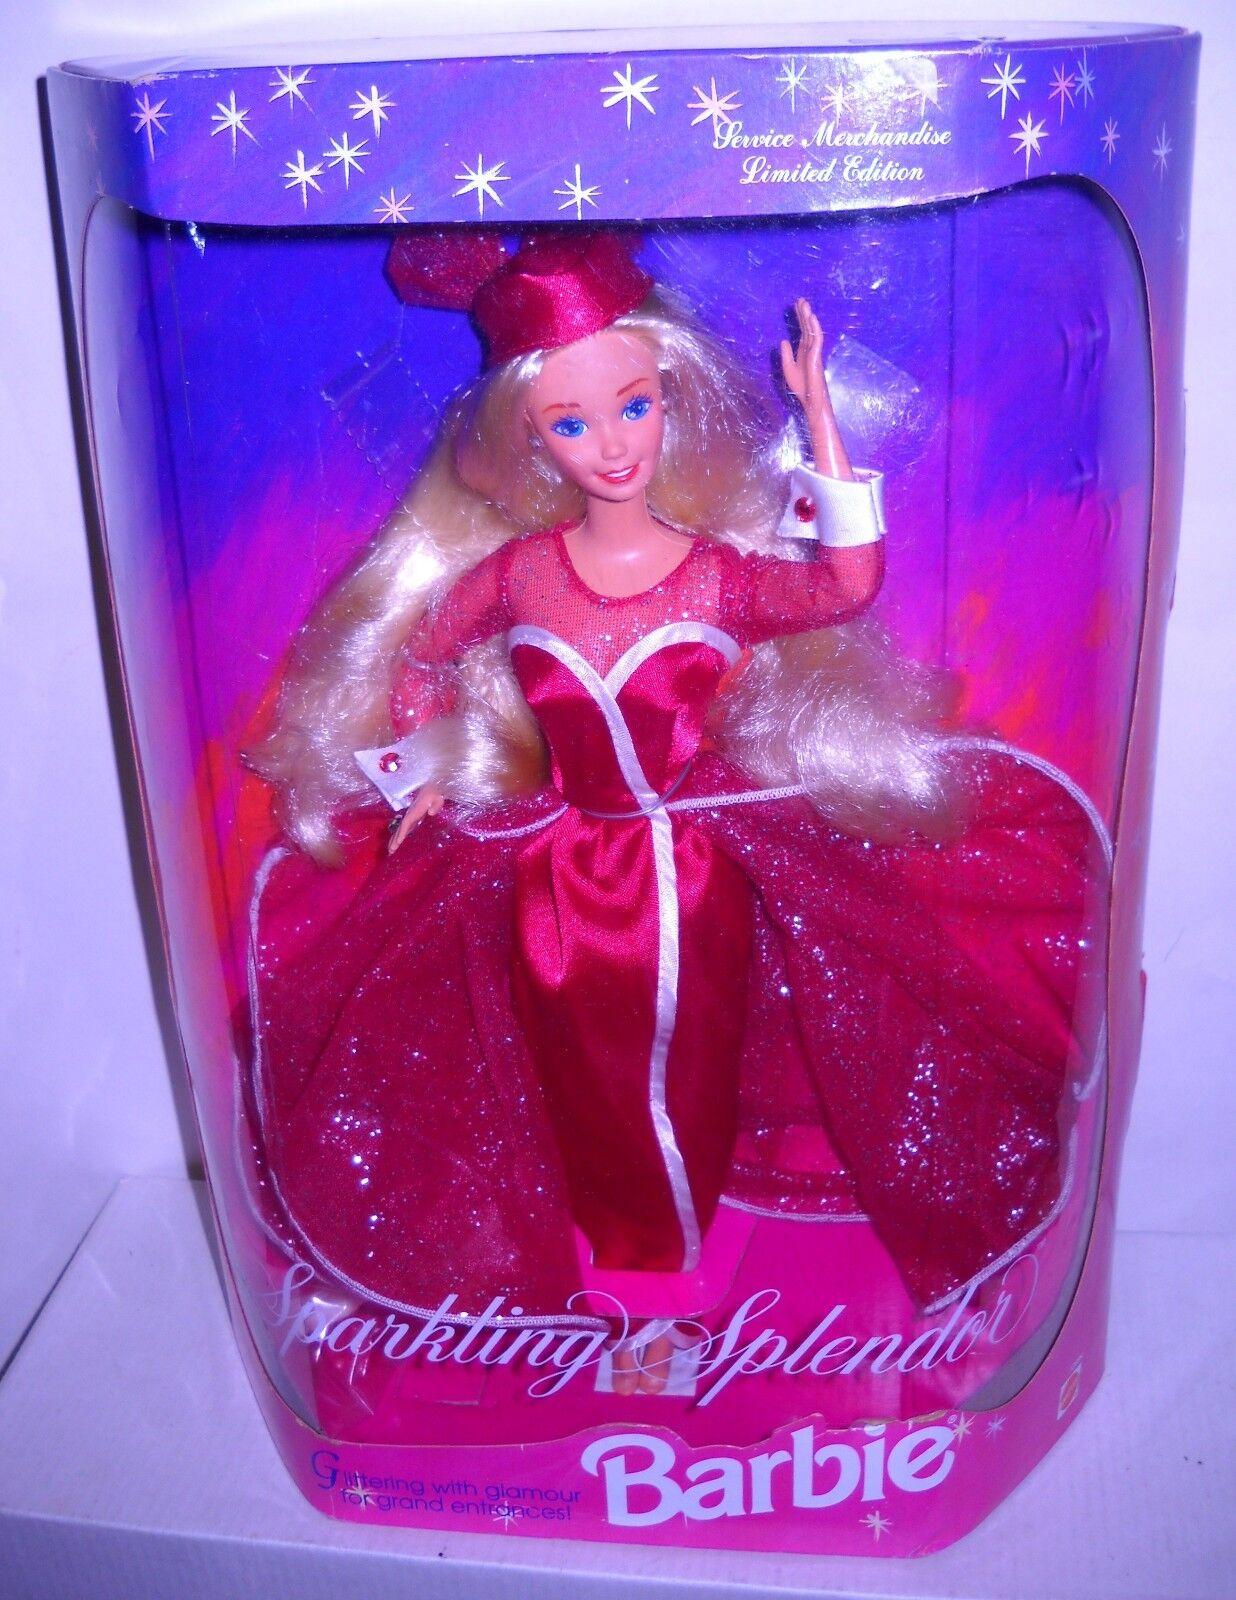 Nunca quitado de la Caja Mattel mercancía de servicio clase de Barbie de edición limitada